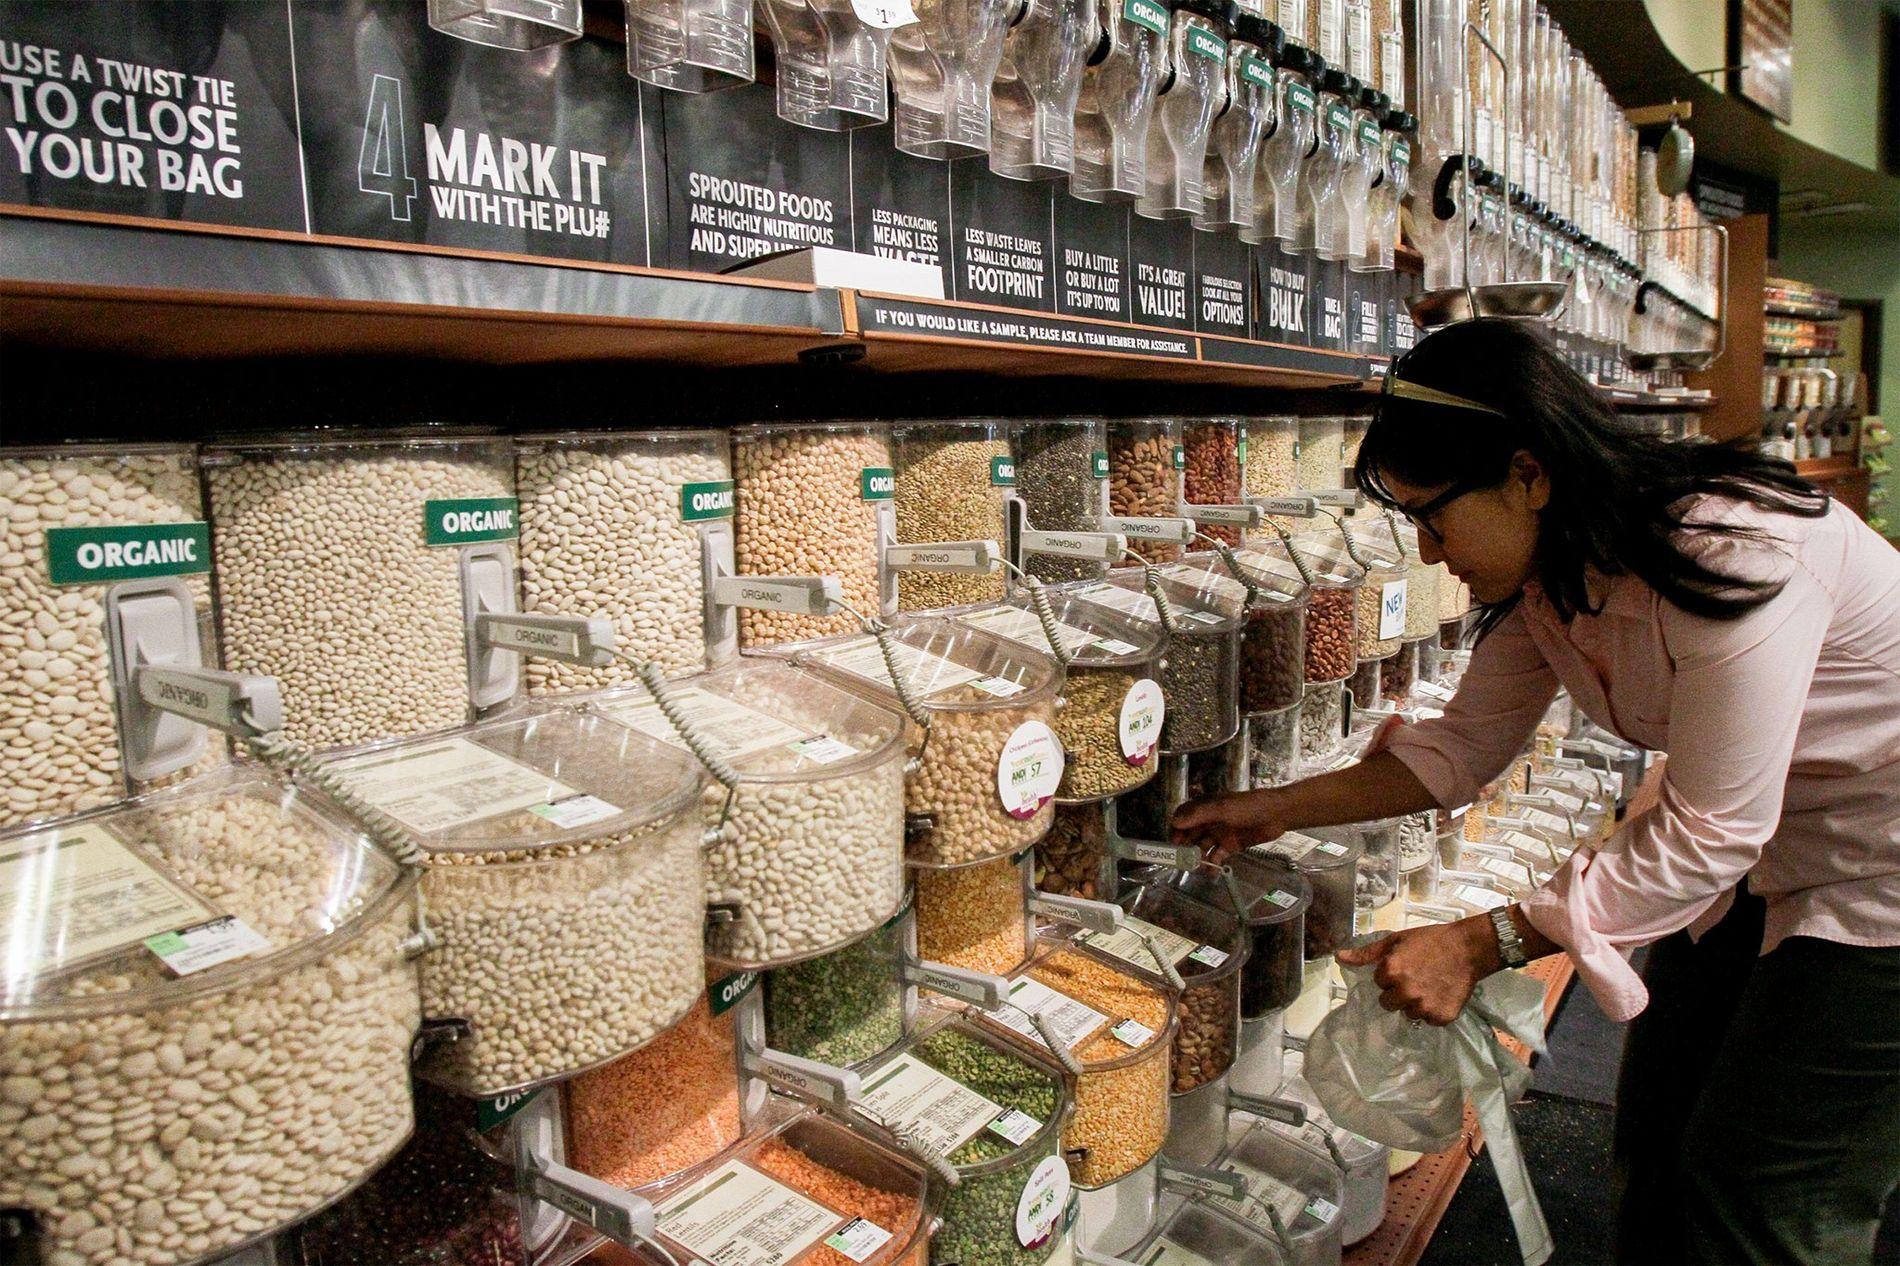 Comprar em grande quantidade pode ajudar famílias a usar menos plástico, e também serve como ensinamento ...